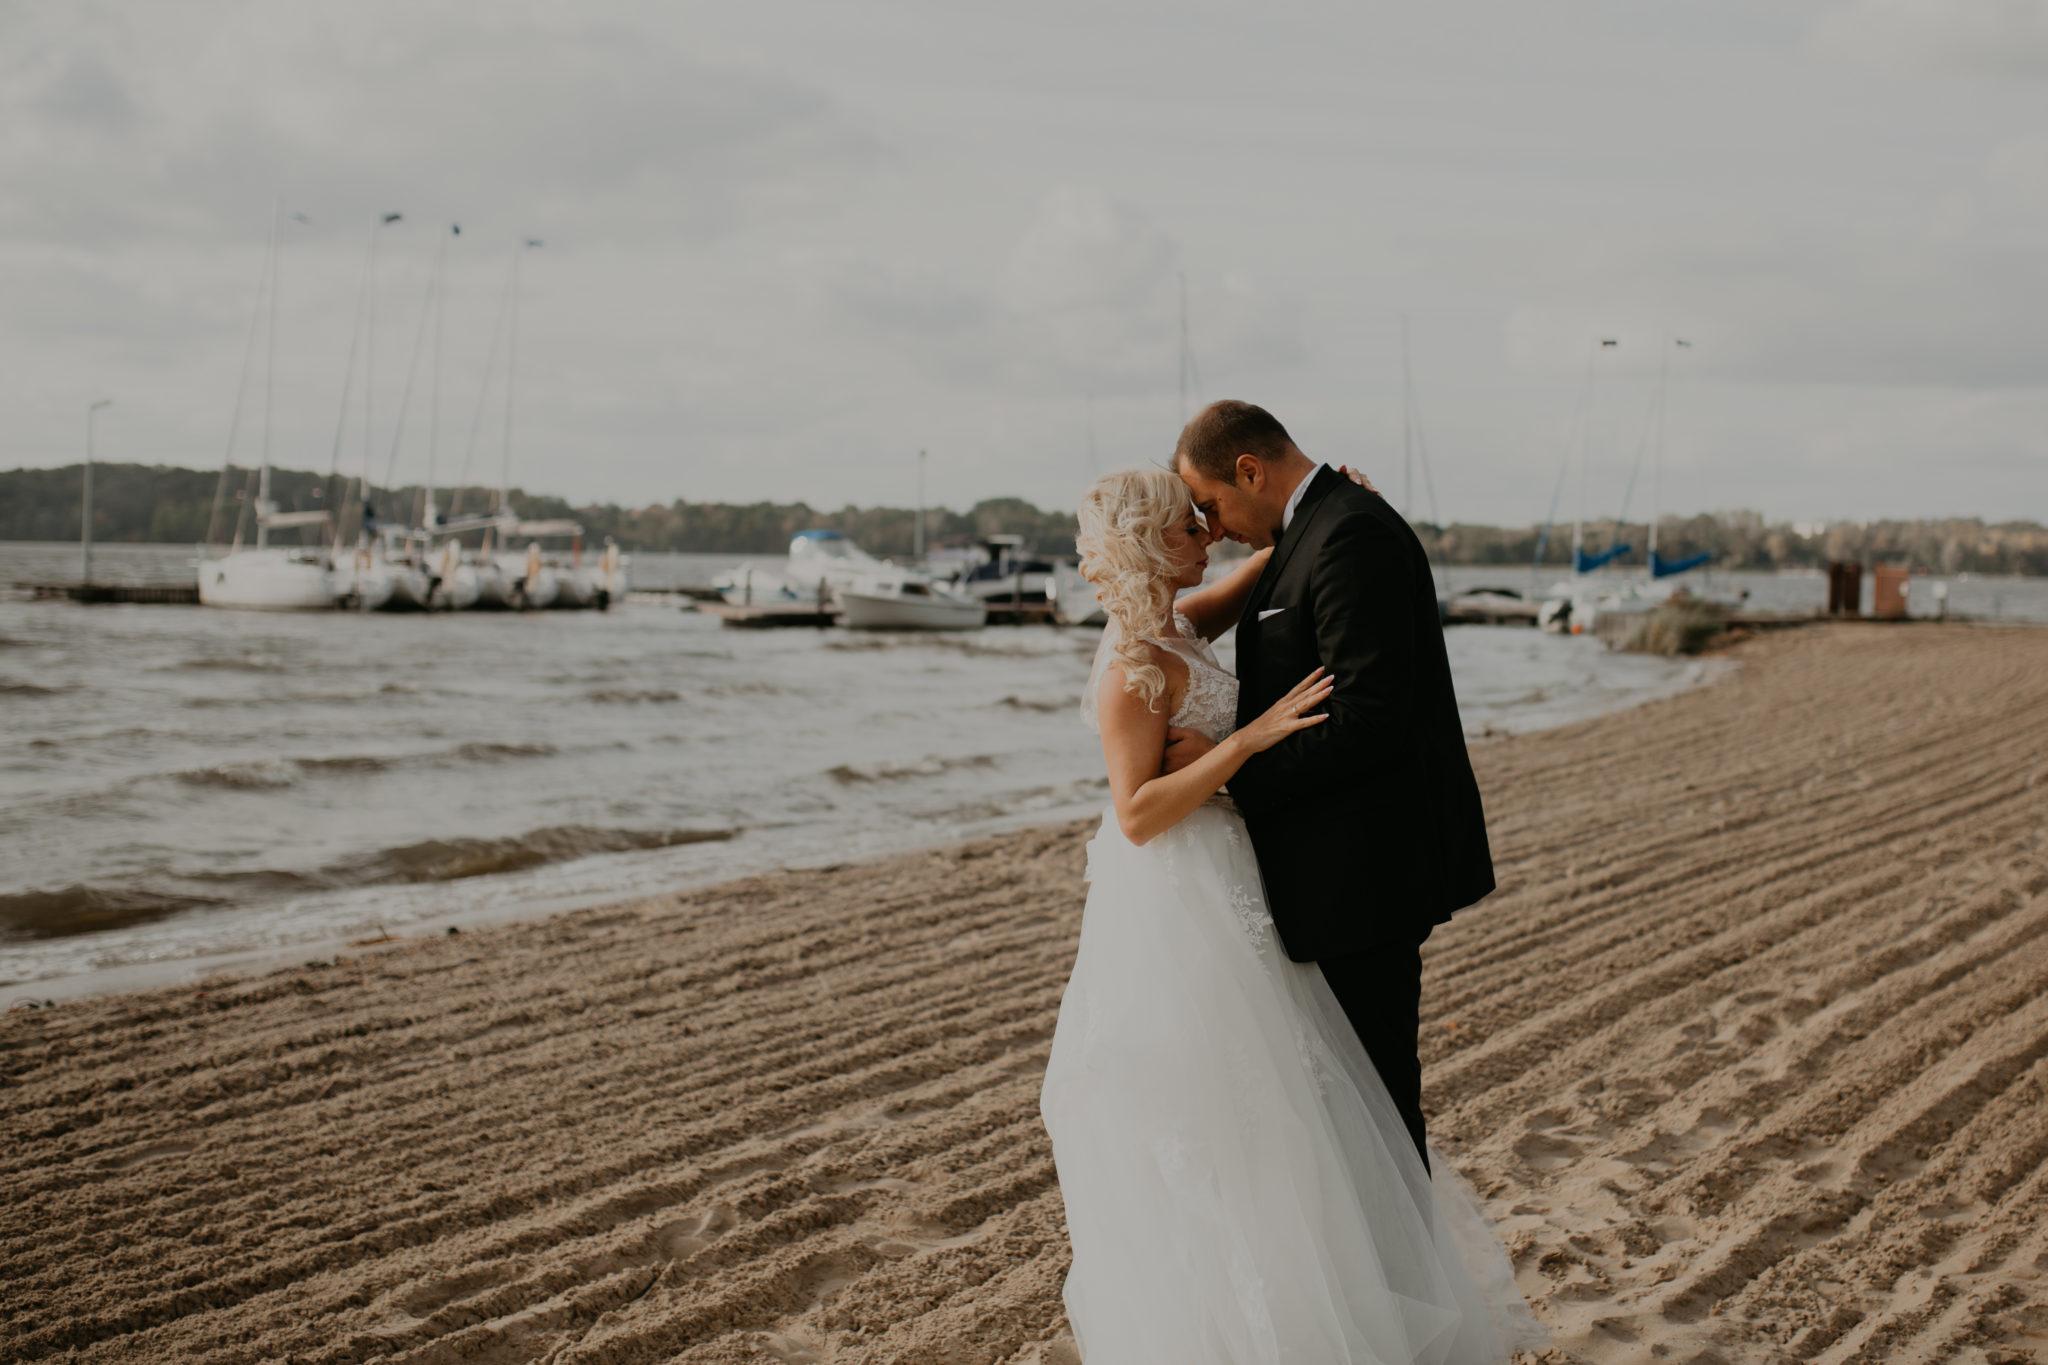 asia i mateuszplener 5 - fotografiaam Fotografia ślubna RK wedding